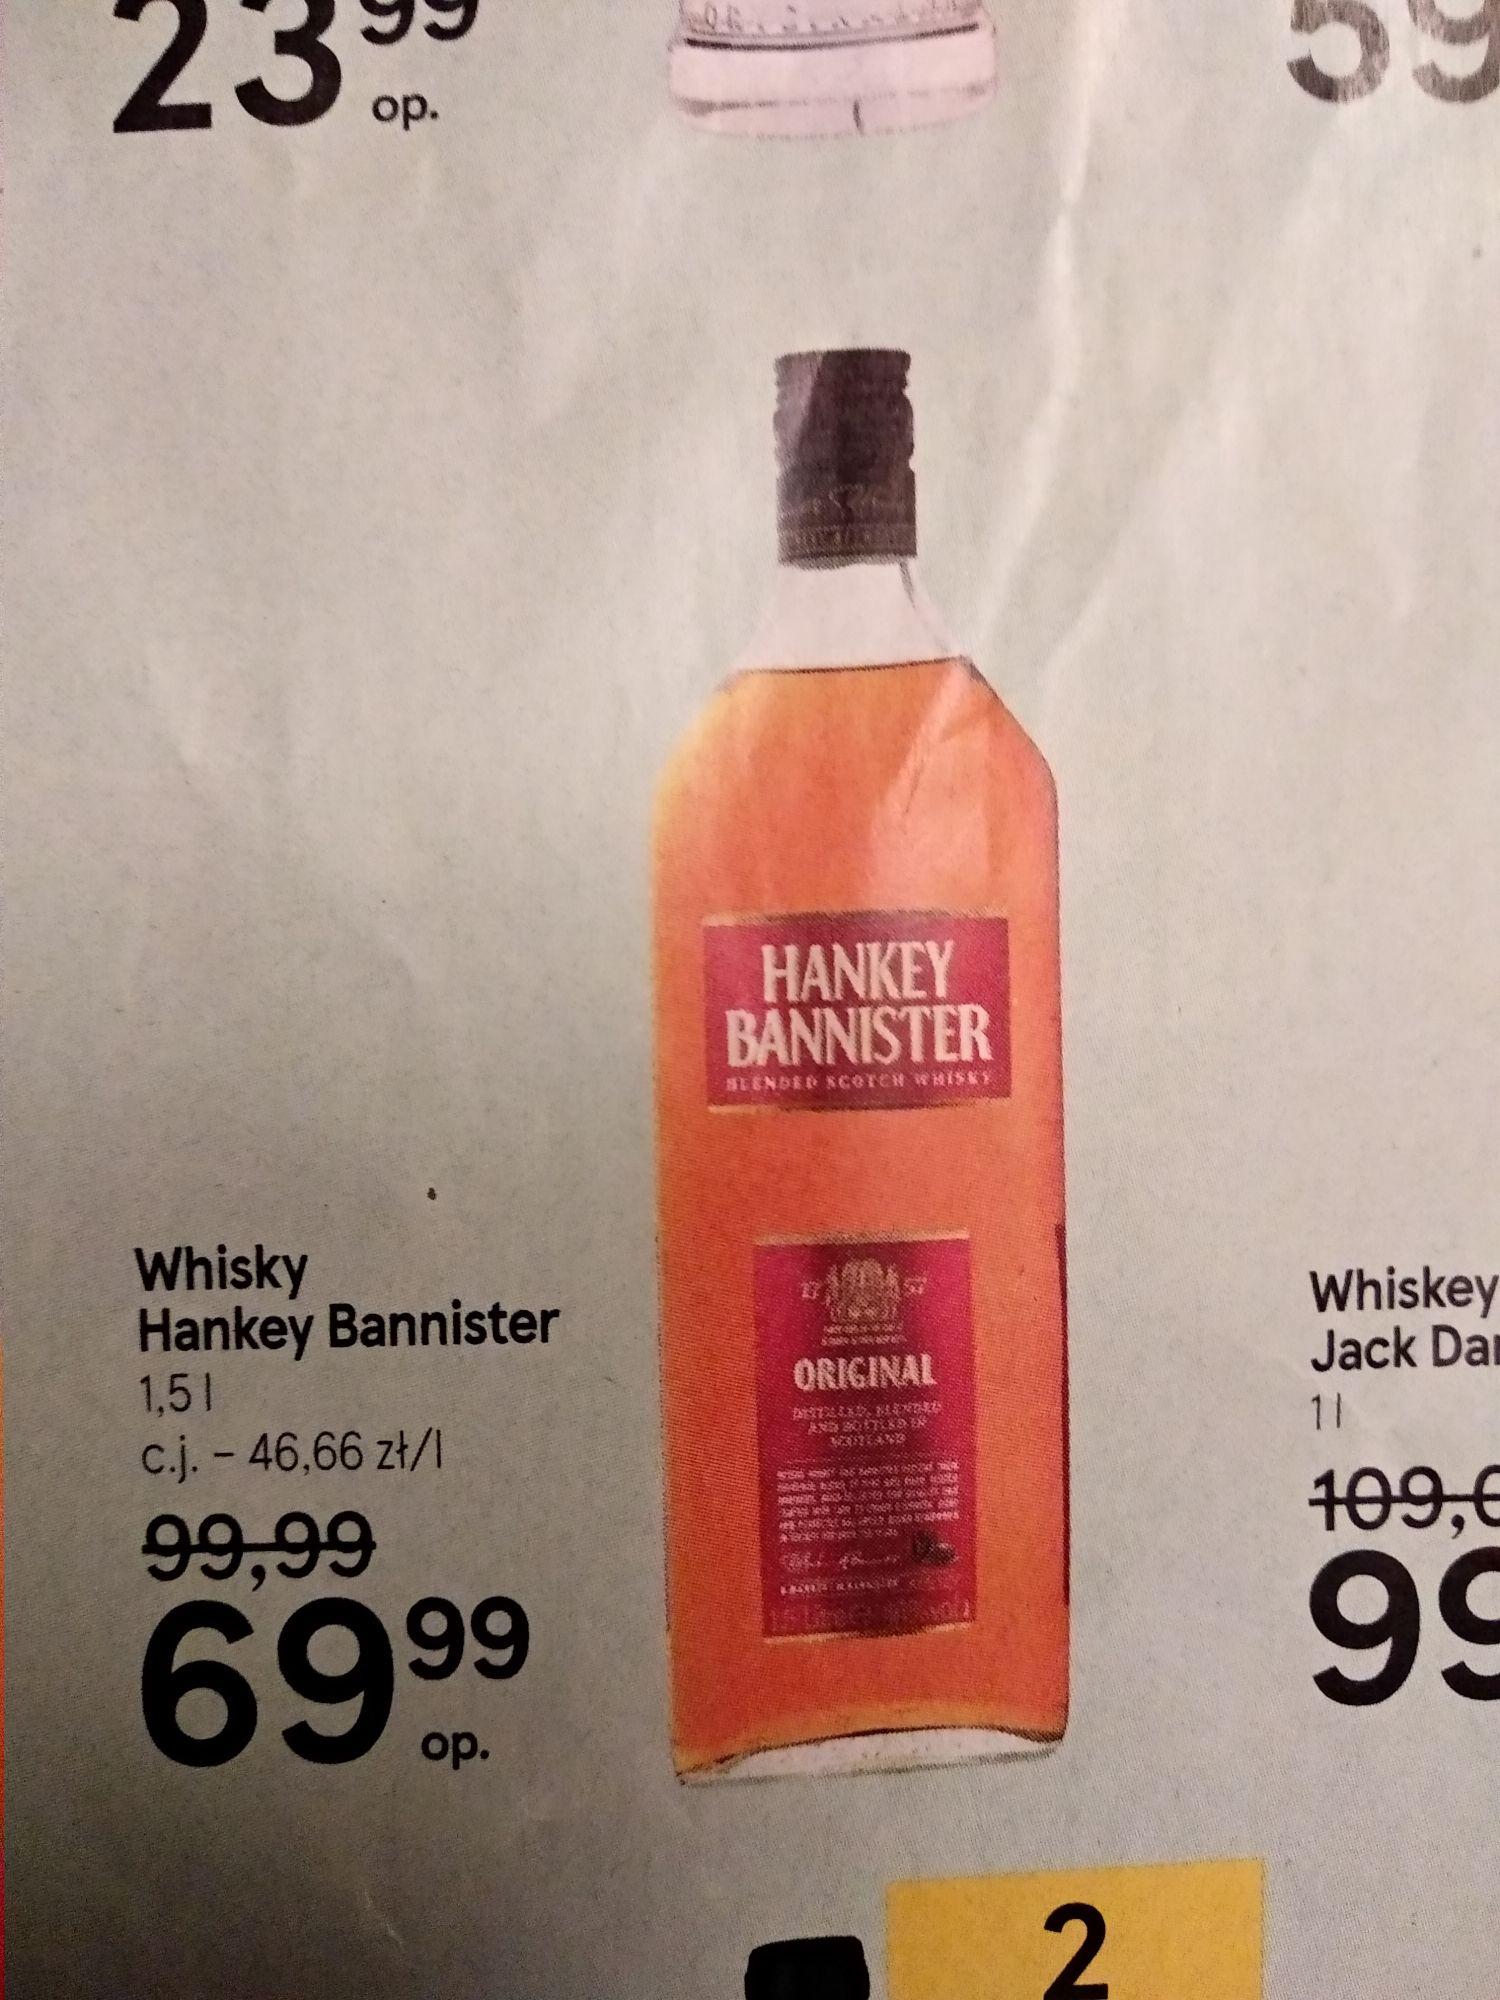 Whisky Kanister Hankey Bannister 1.5l Tesco